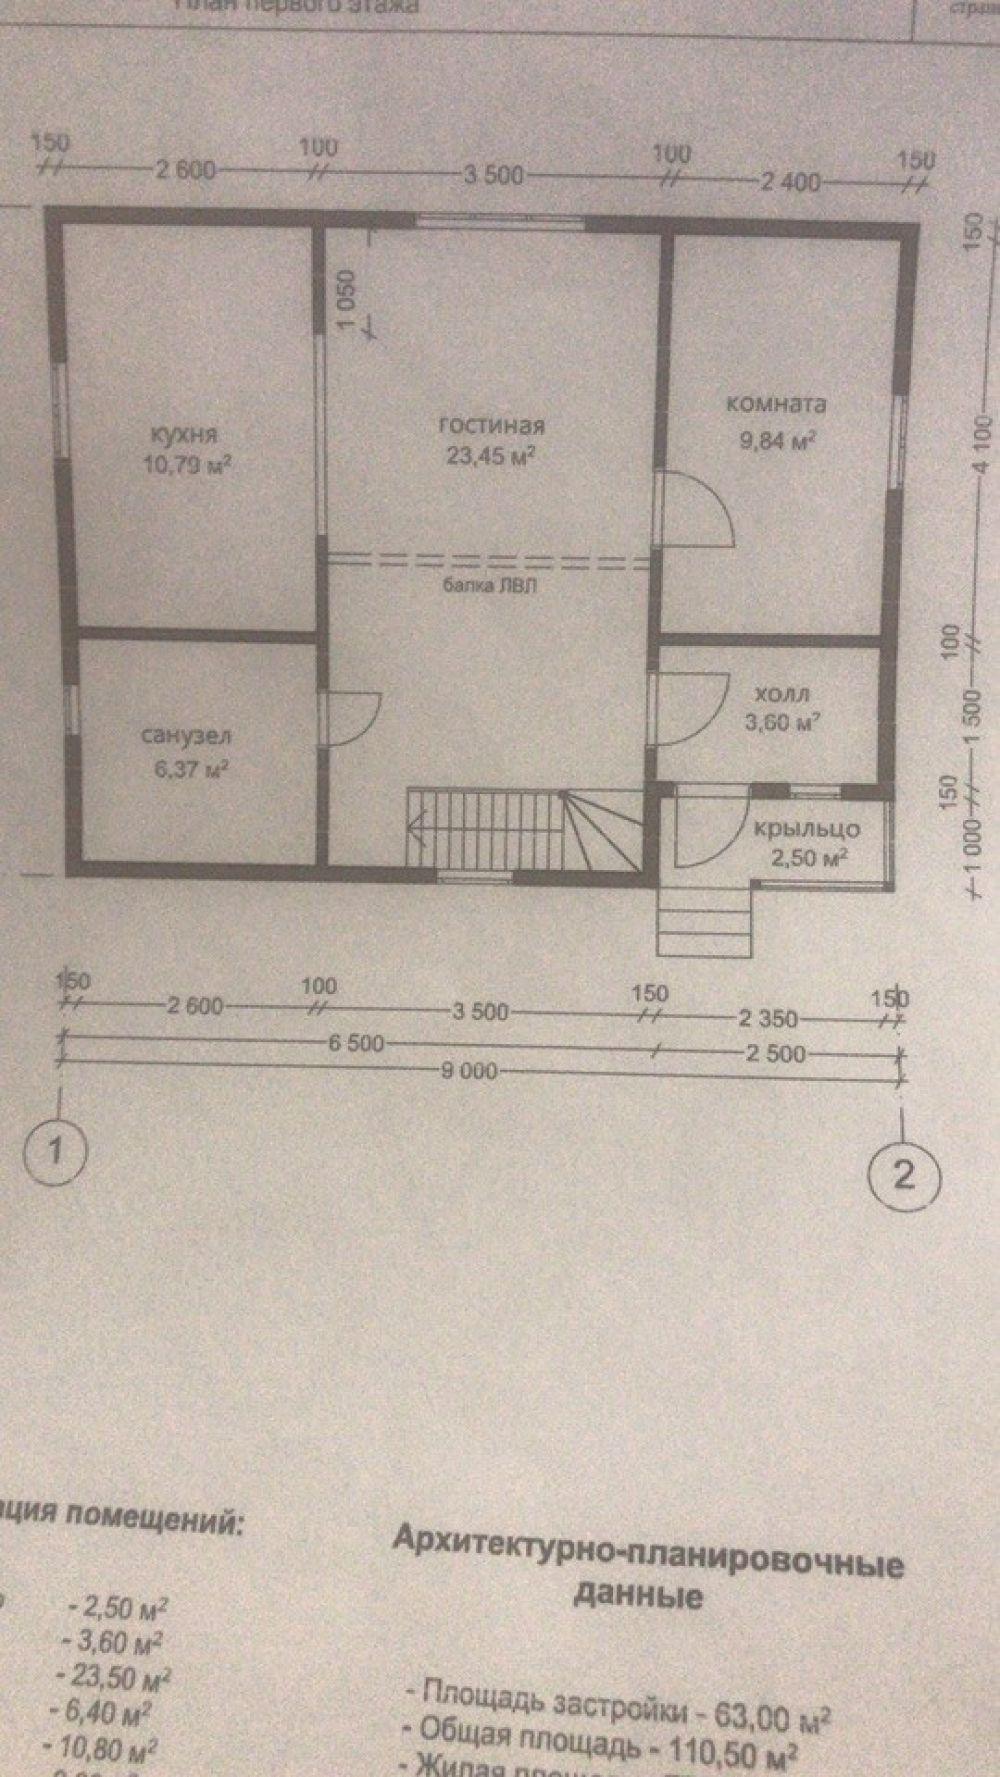 Дом 100 м2, участок 7 соток, д. Назимиха, ул. Осенняя 39, фото 2